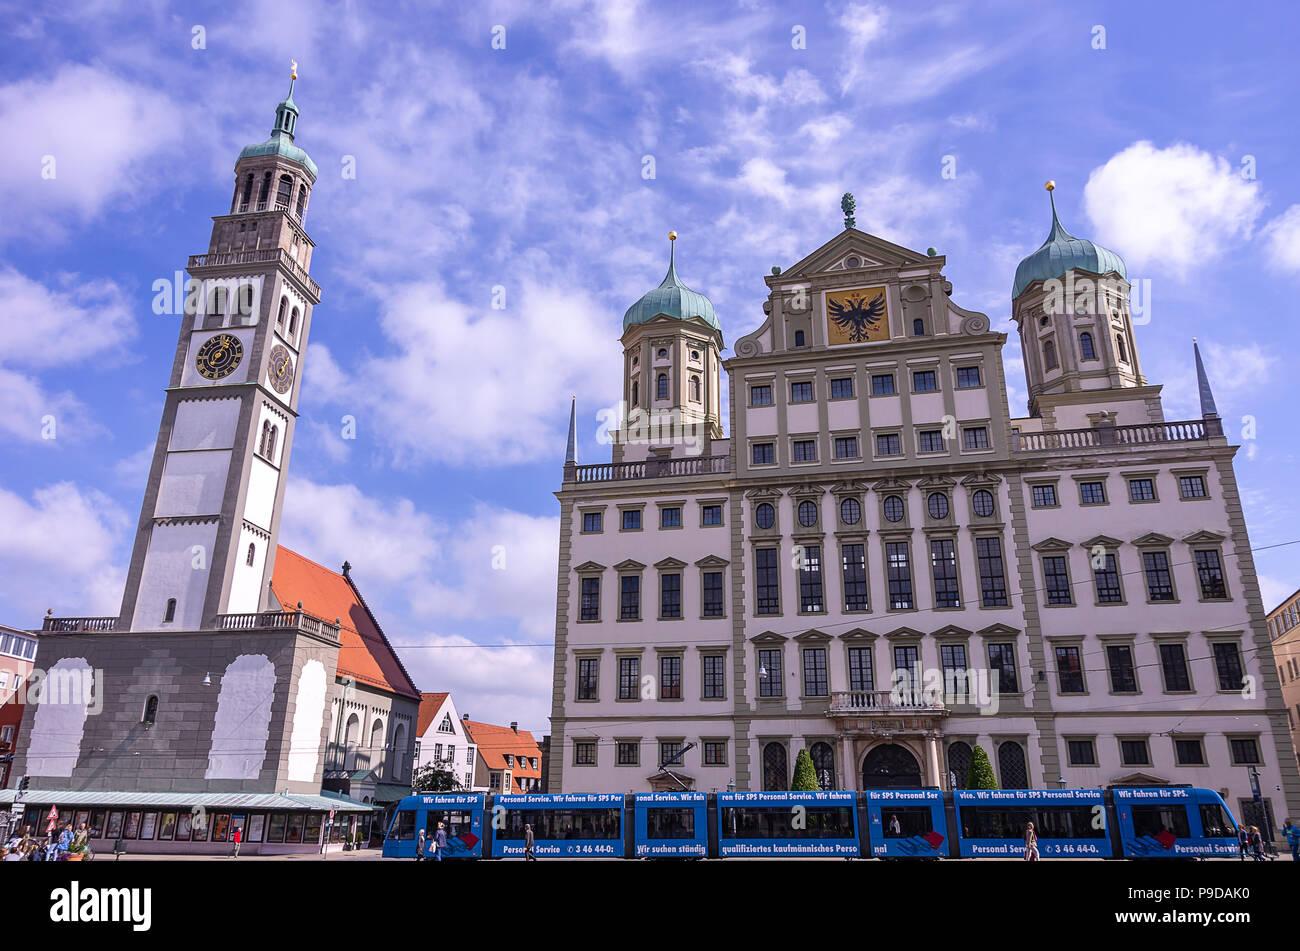 Augsburg, Bayern, Deutschland - 10. September 2015: Das historische Rathaus und die perlach Turm auf dem Stadtplatz. Stockfoto